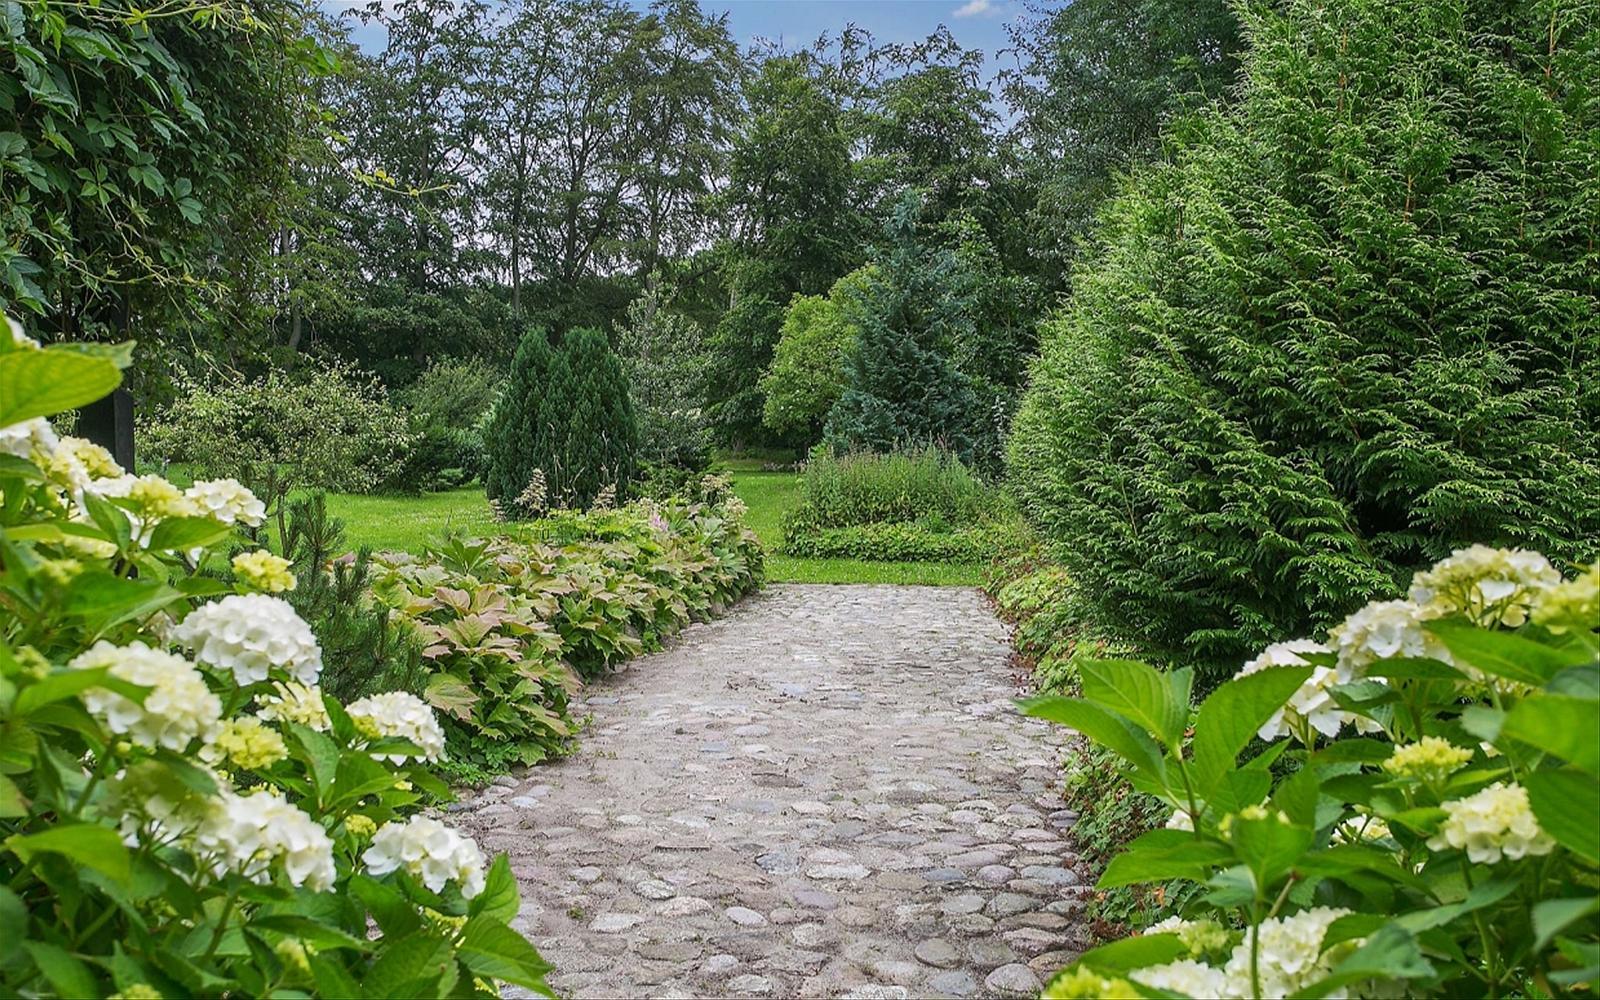 участок садовая дорожка клумбы кустарники деревья